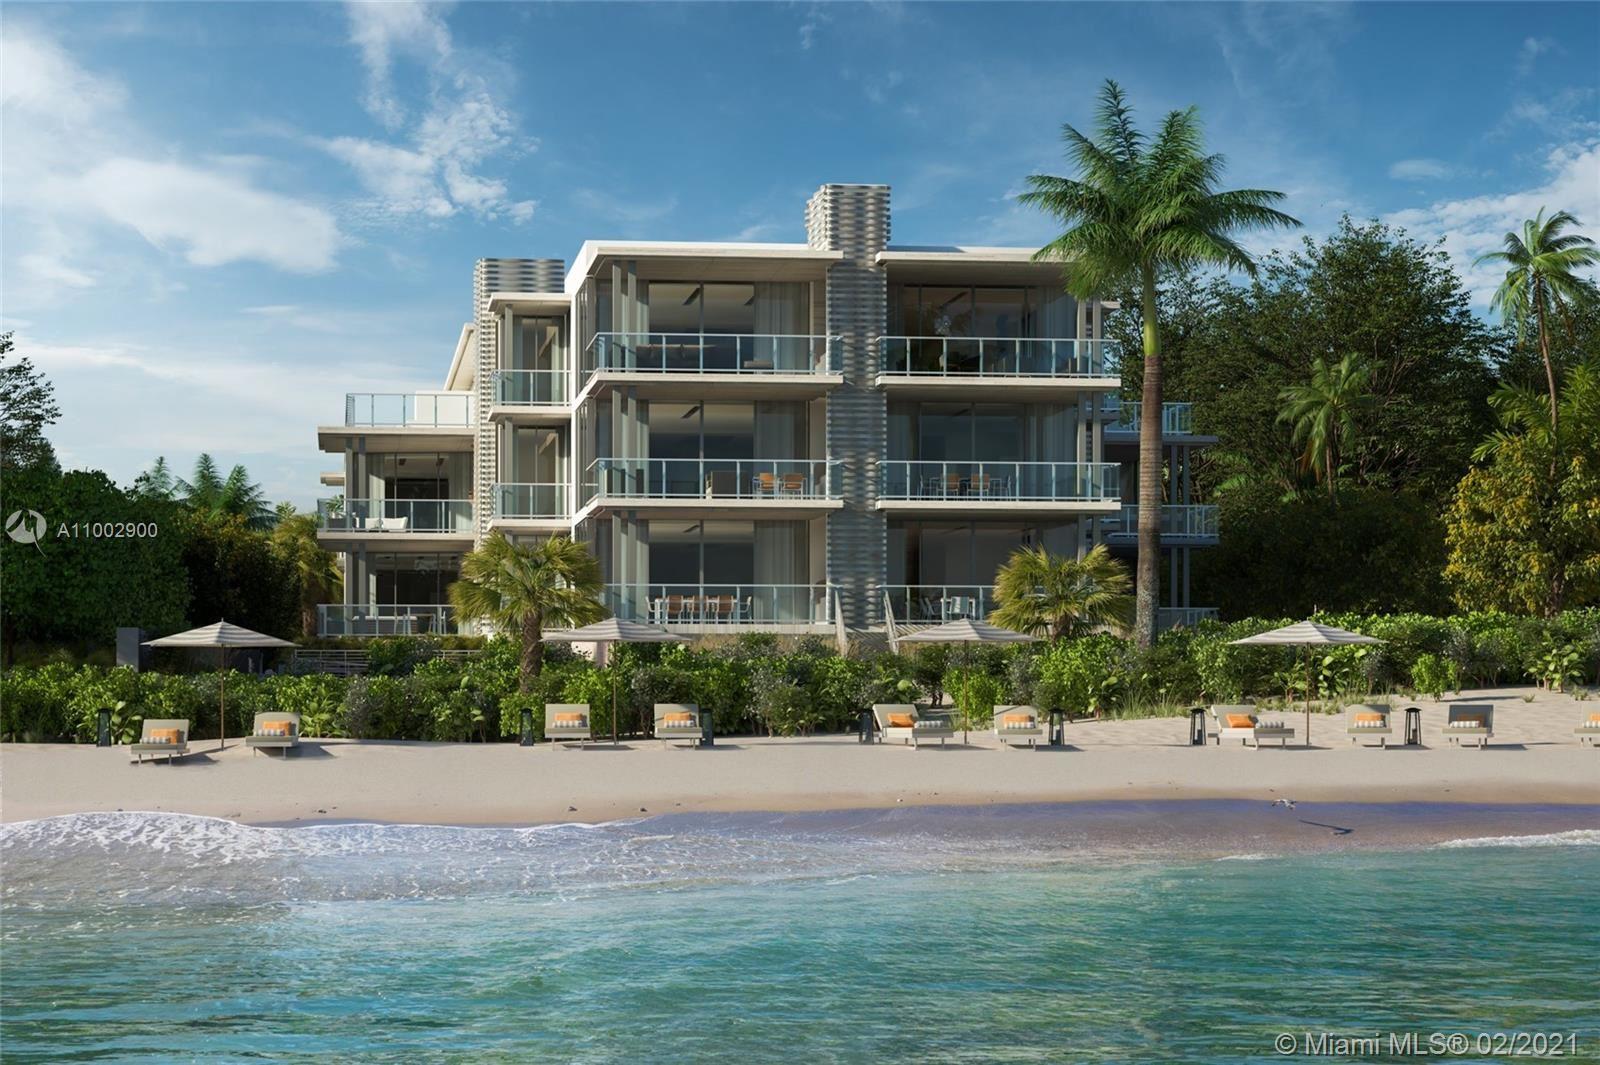 1625 S Ocean Blvd #A1- North, Delray Beach, FL 33483 - #: A11002900